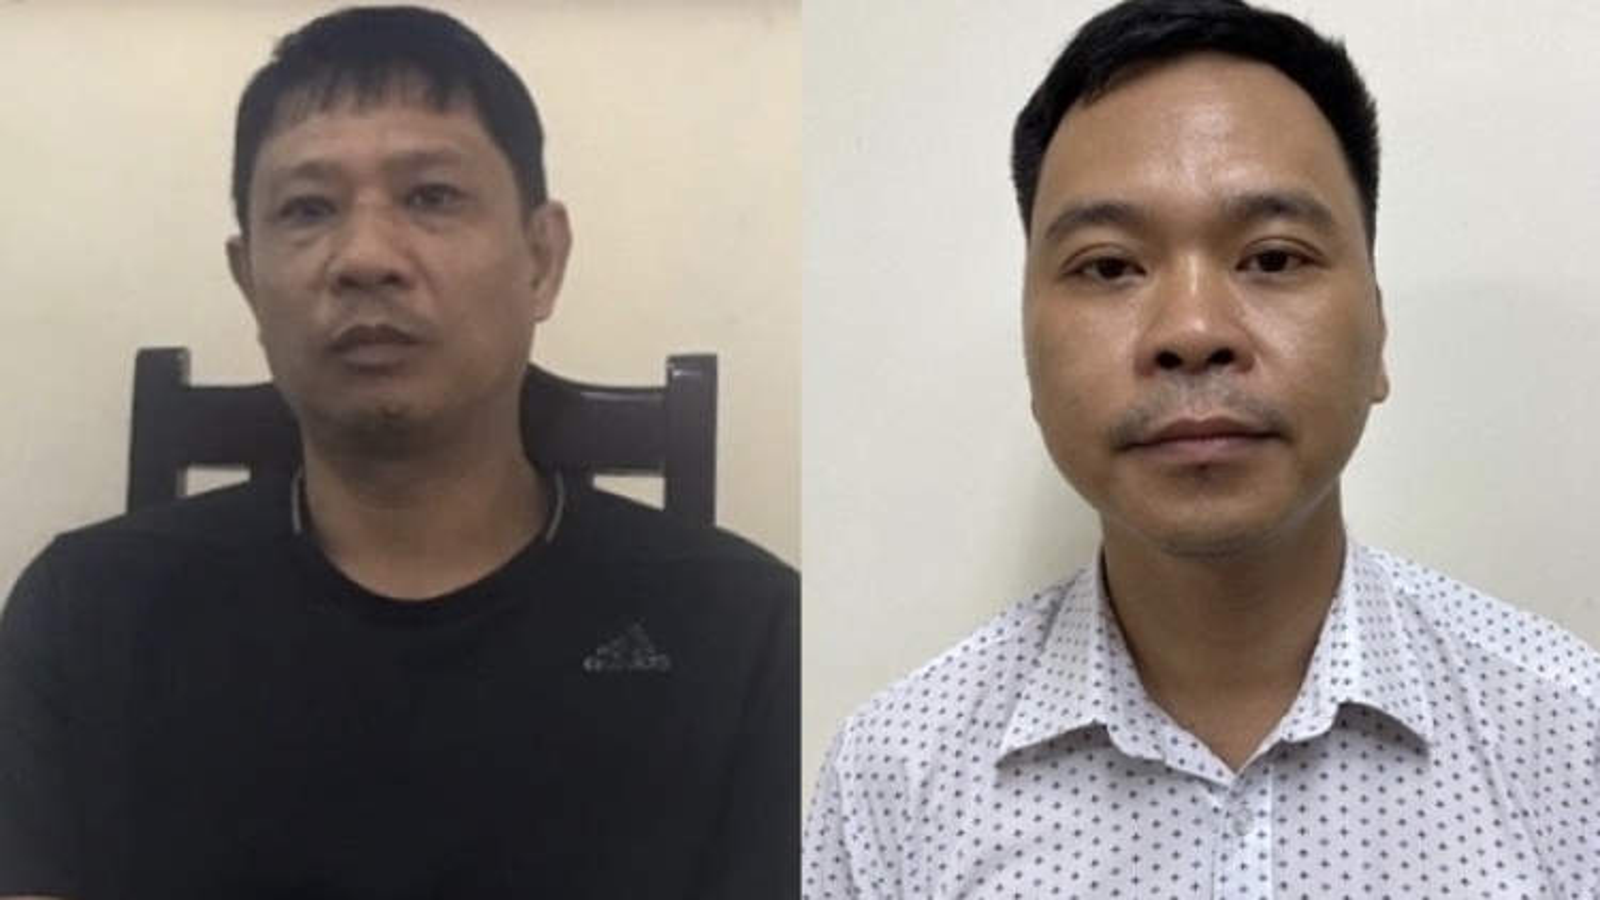 Nóng 24h: Anh trai Bùi Quang Huy bị khởi tố vì tội gì?